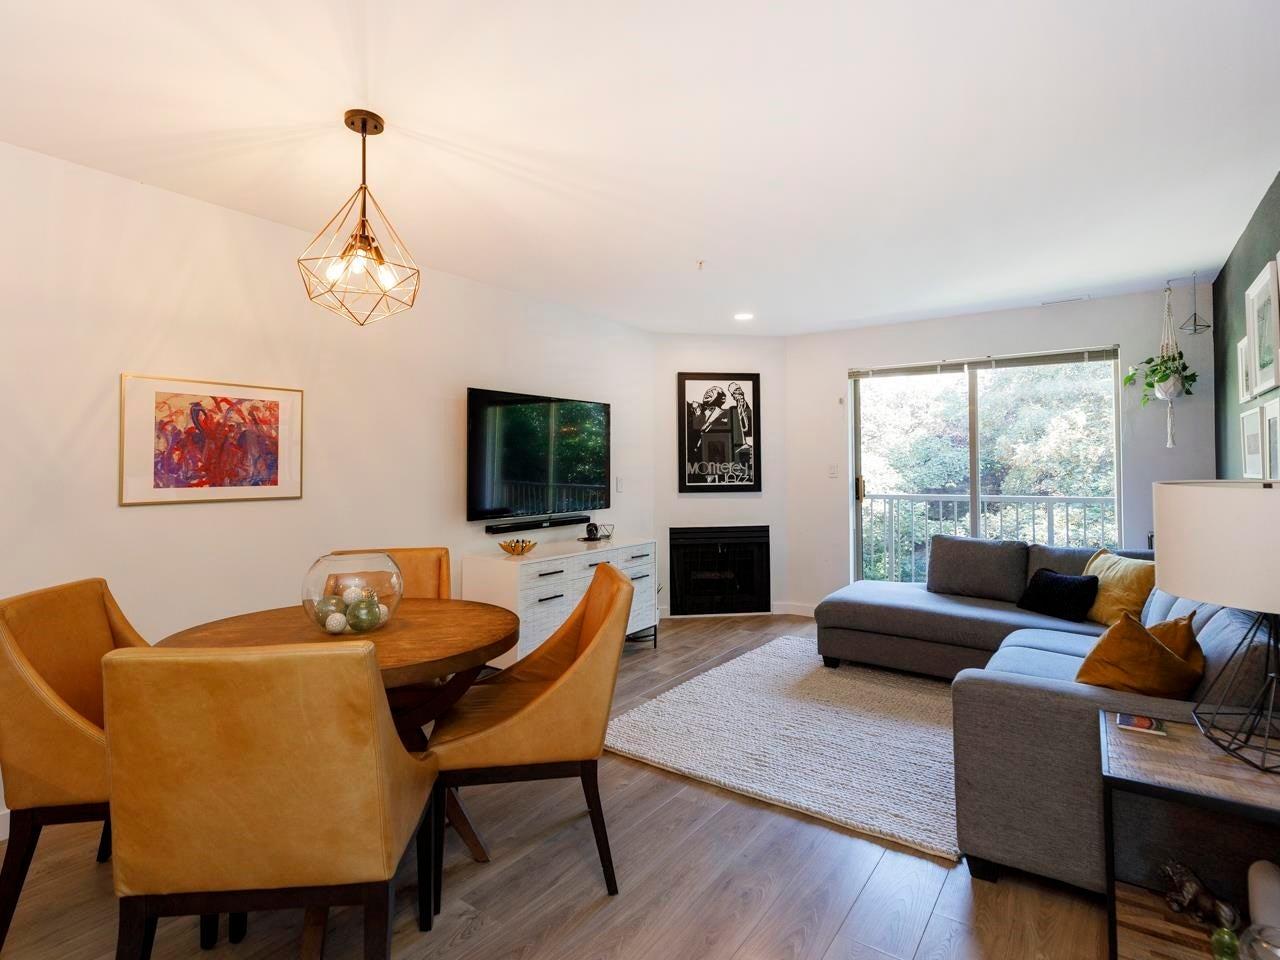 317 1820 W 3RD AVENUE - Kitsilano Apartment/Condo for sale, 2 Bedrooms (R2606478) - #1